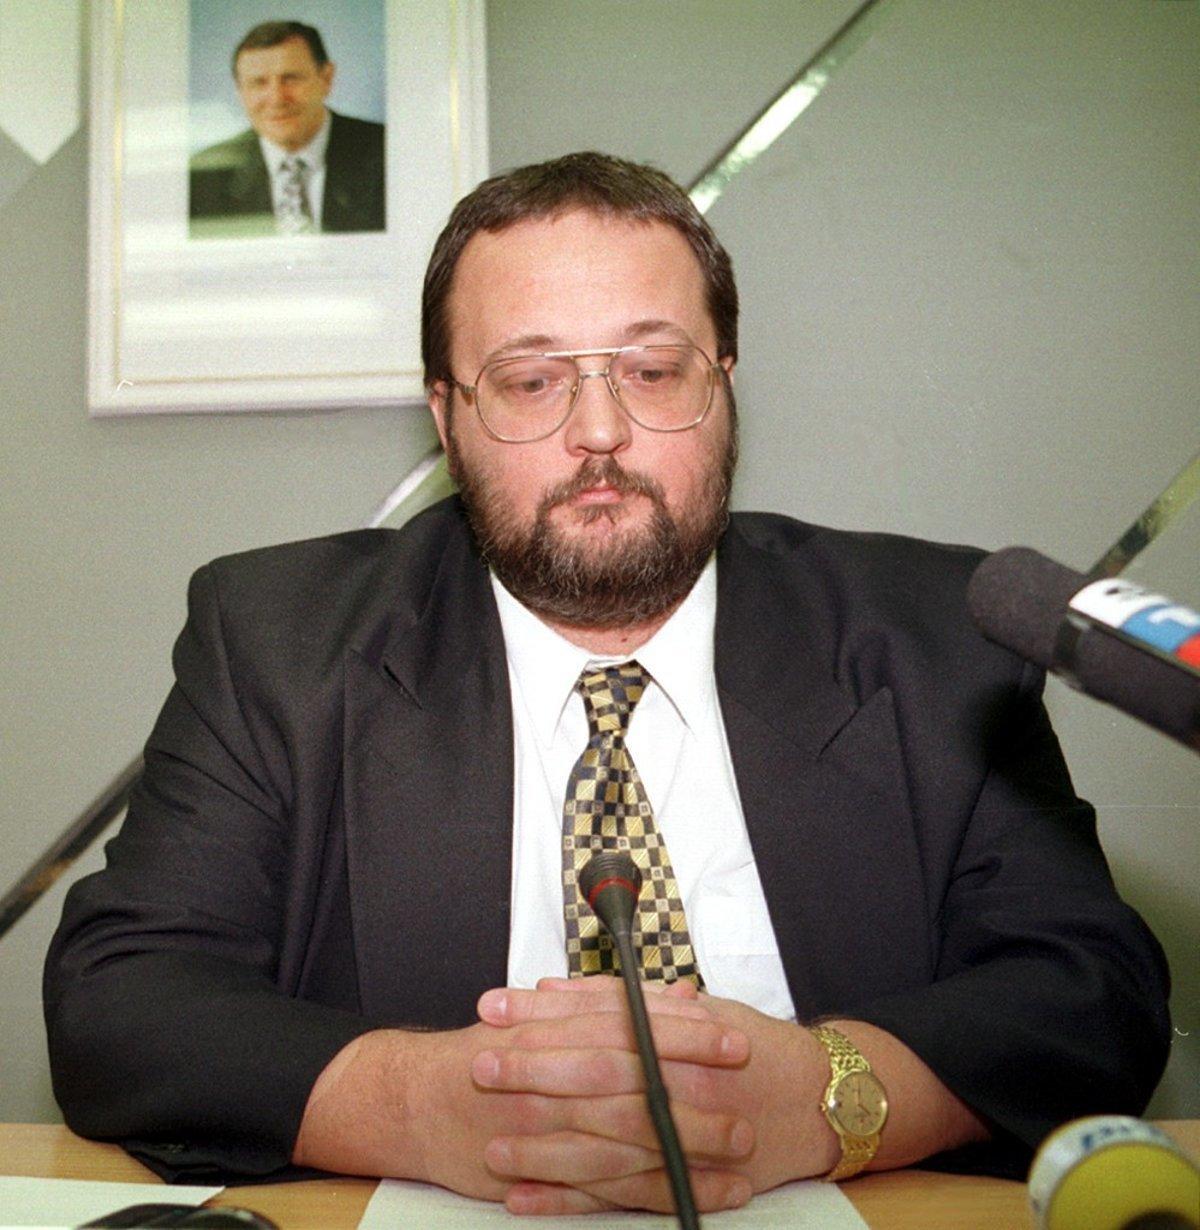 Neznámy termín pojednávania kauzy Mečiarových amnestií - domov.sme.sk